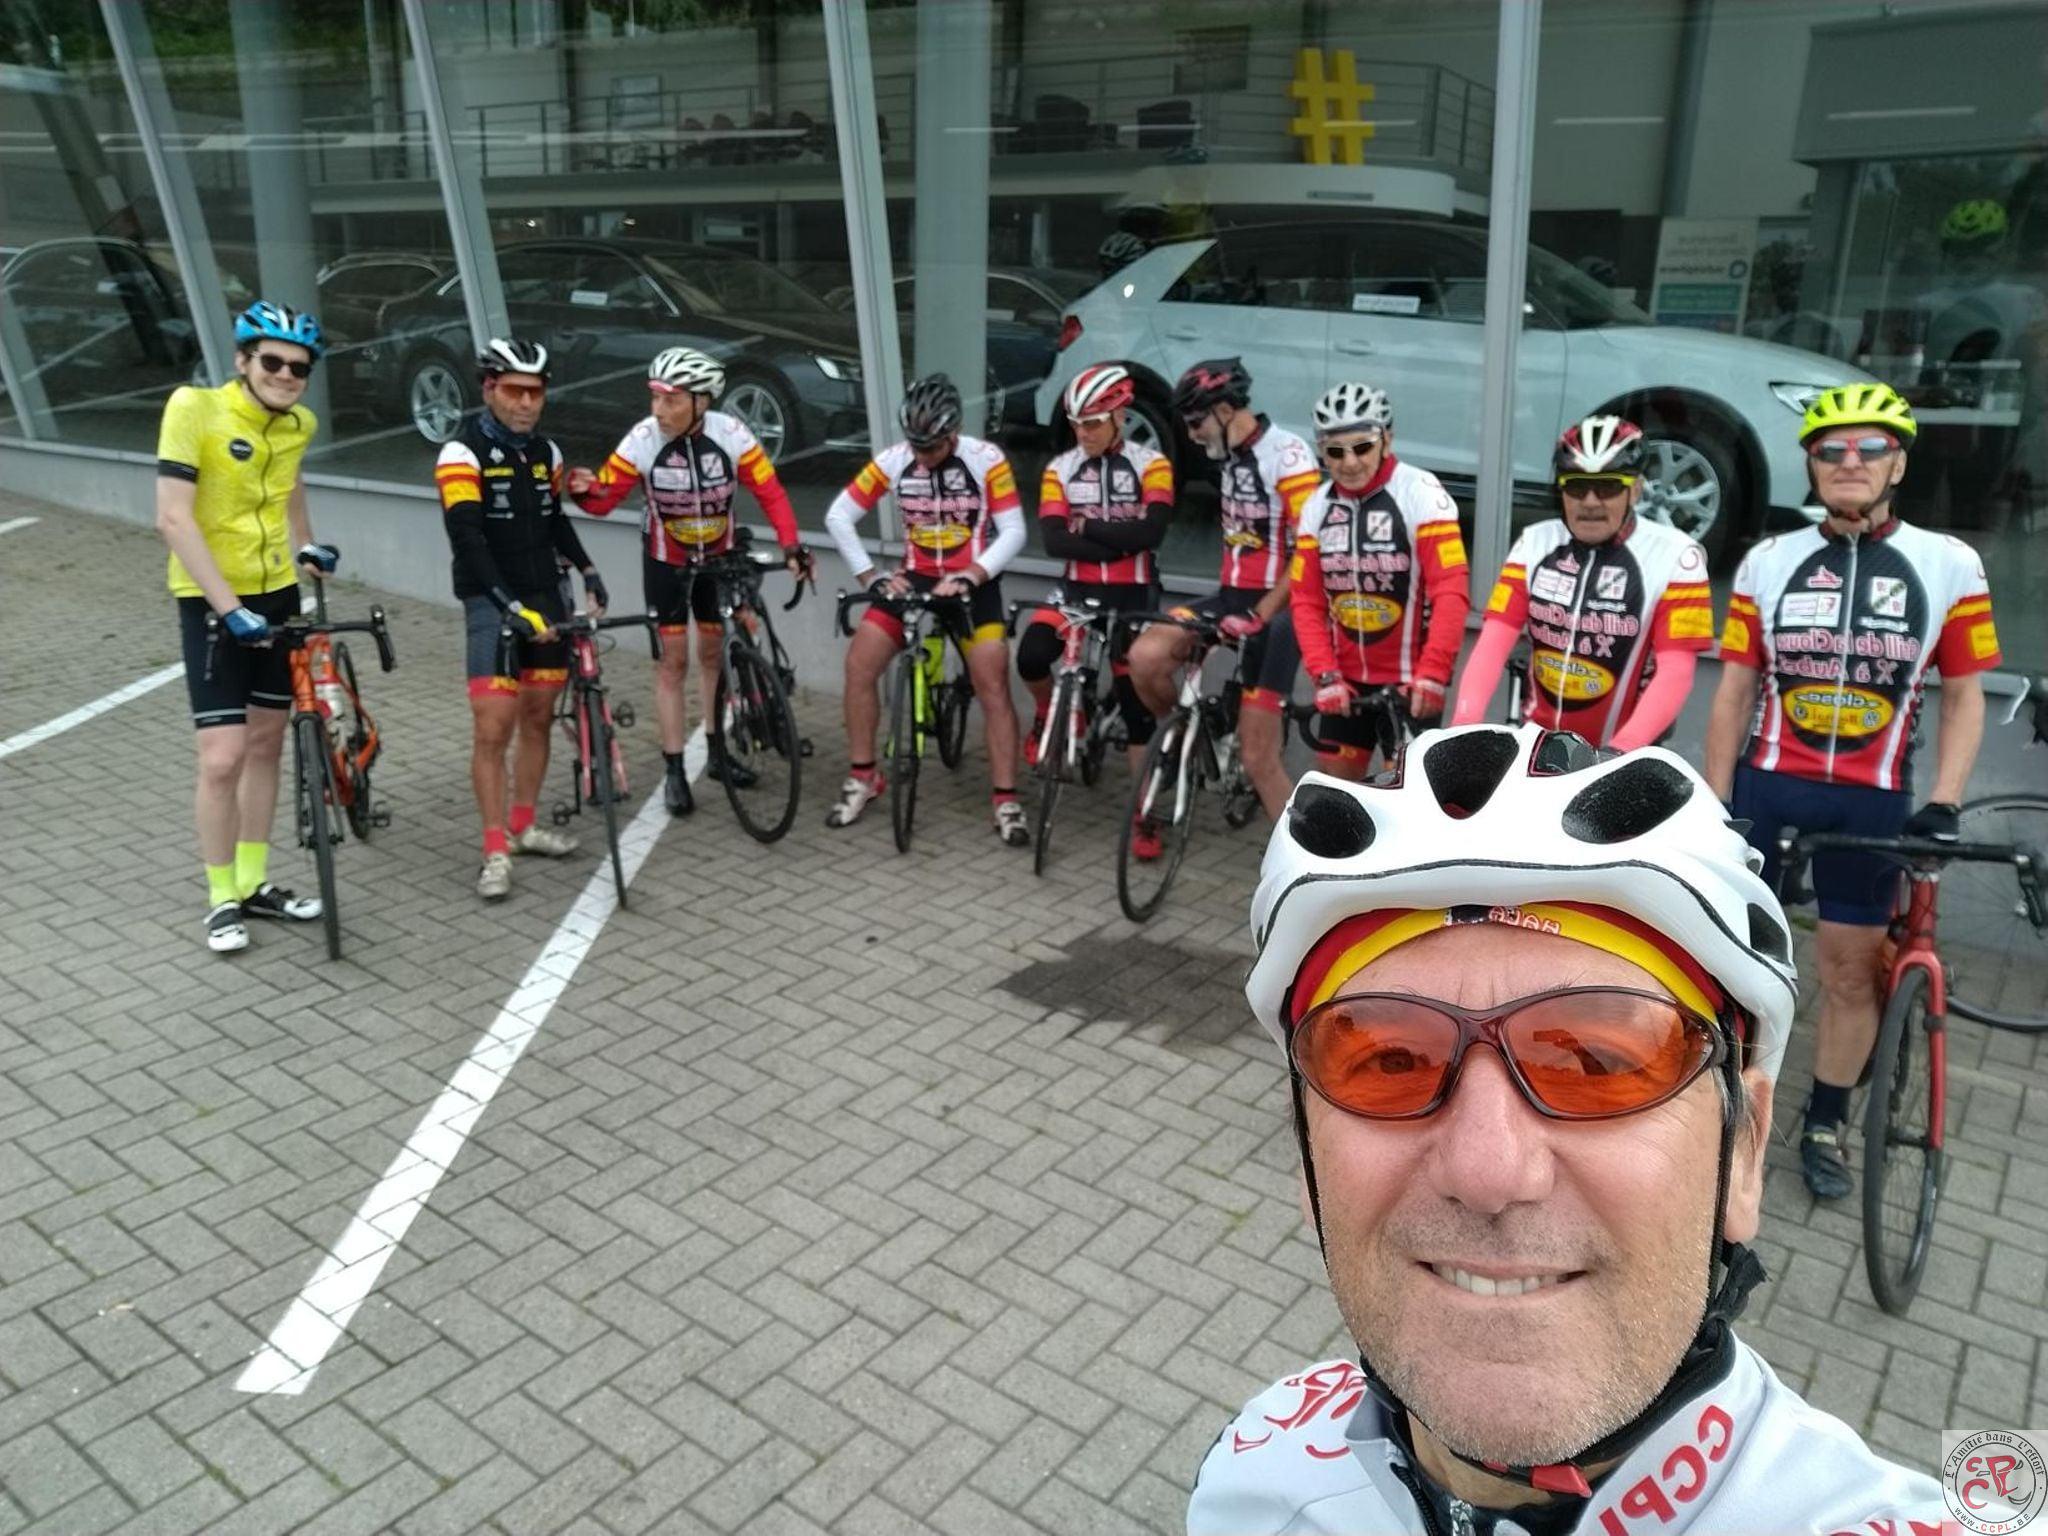 C.C.P.L., Finale de l'Amstel Gold Race 1 2020